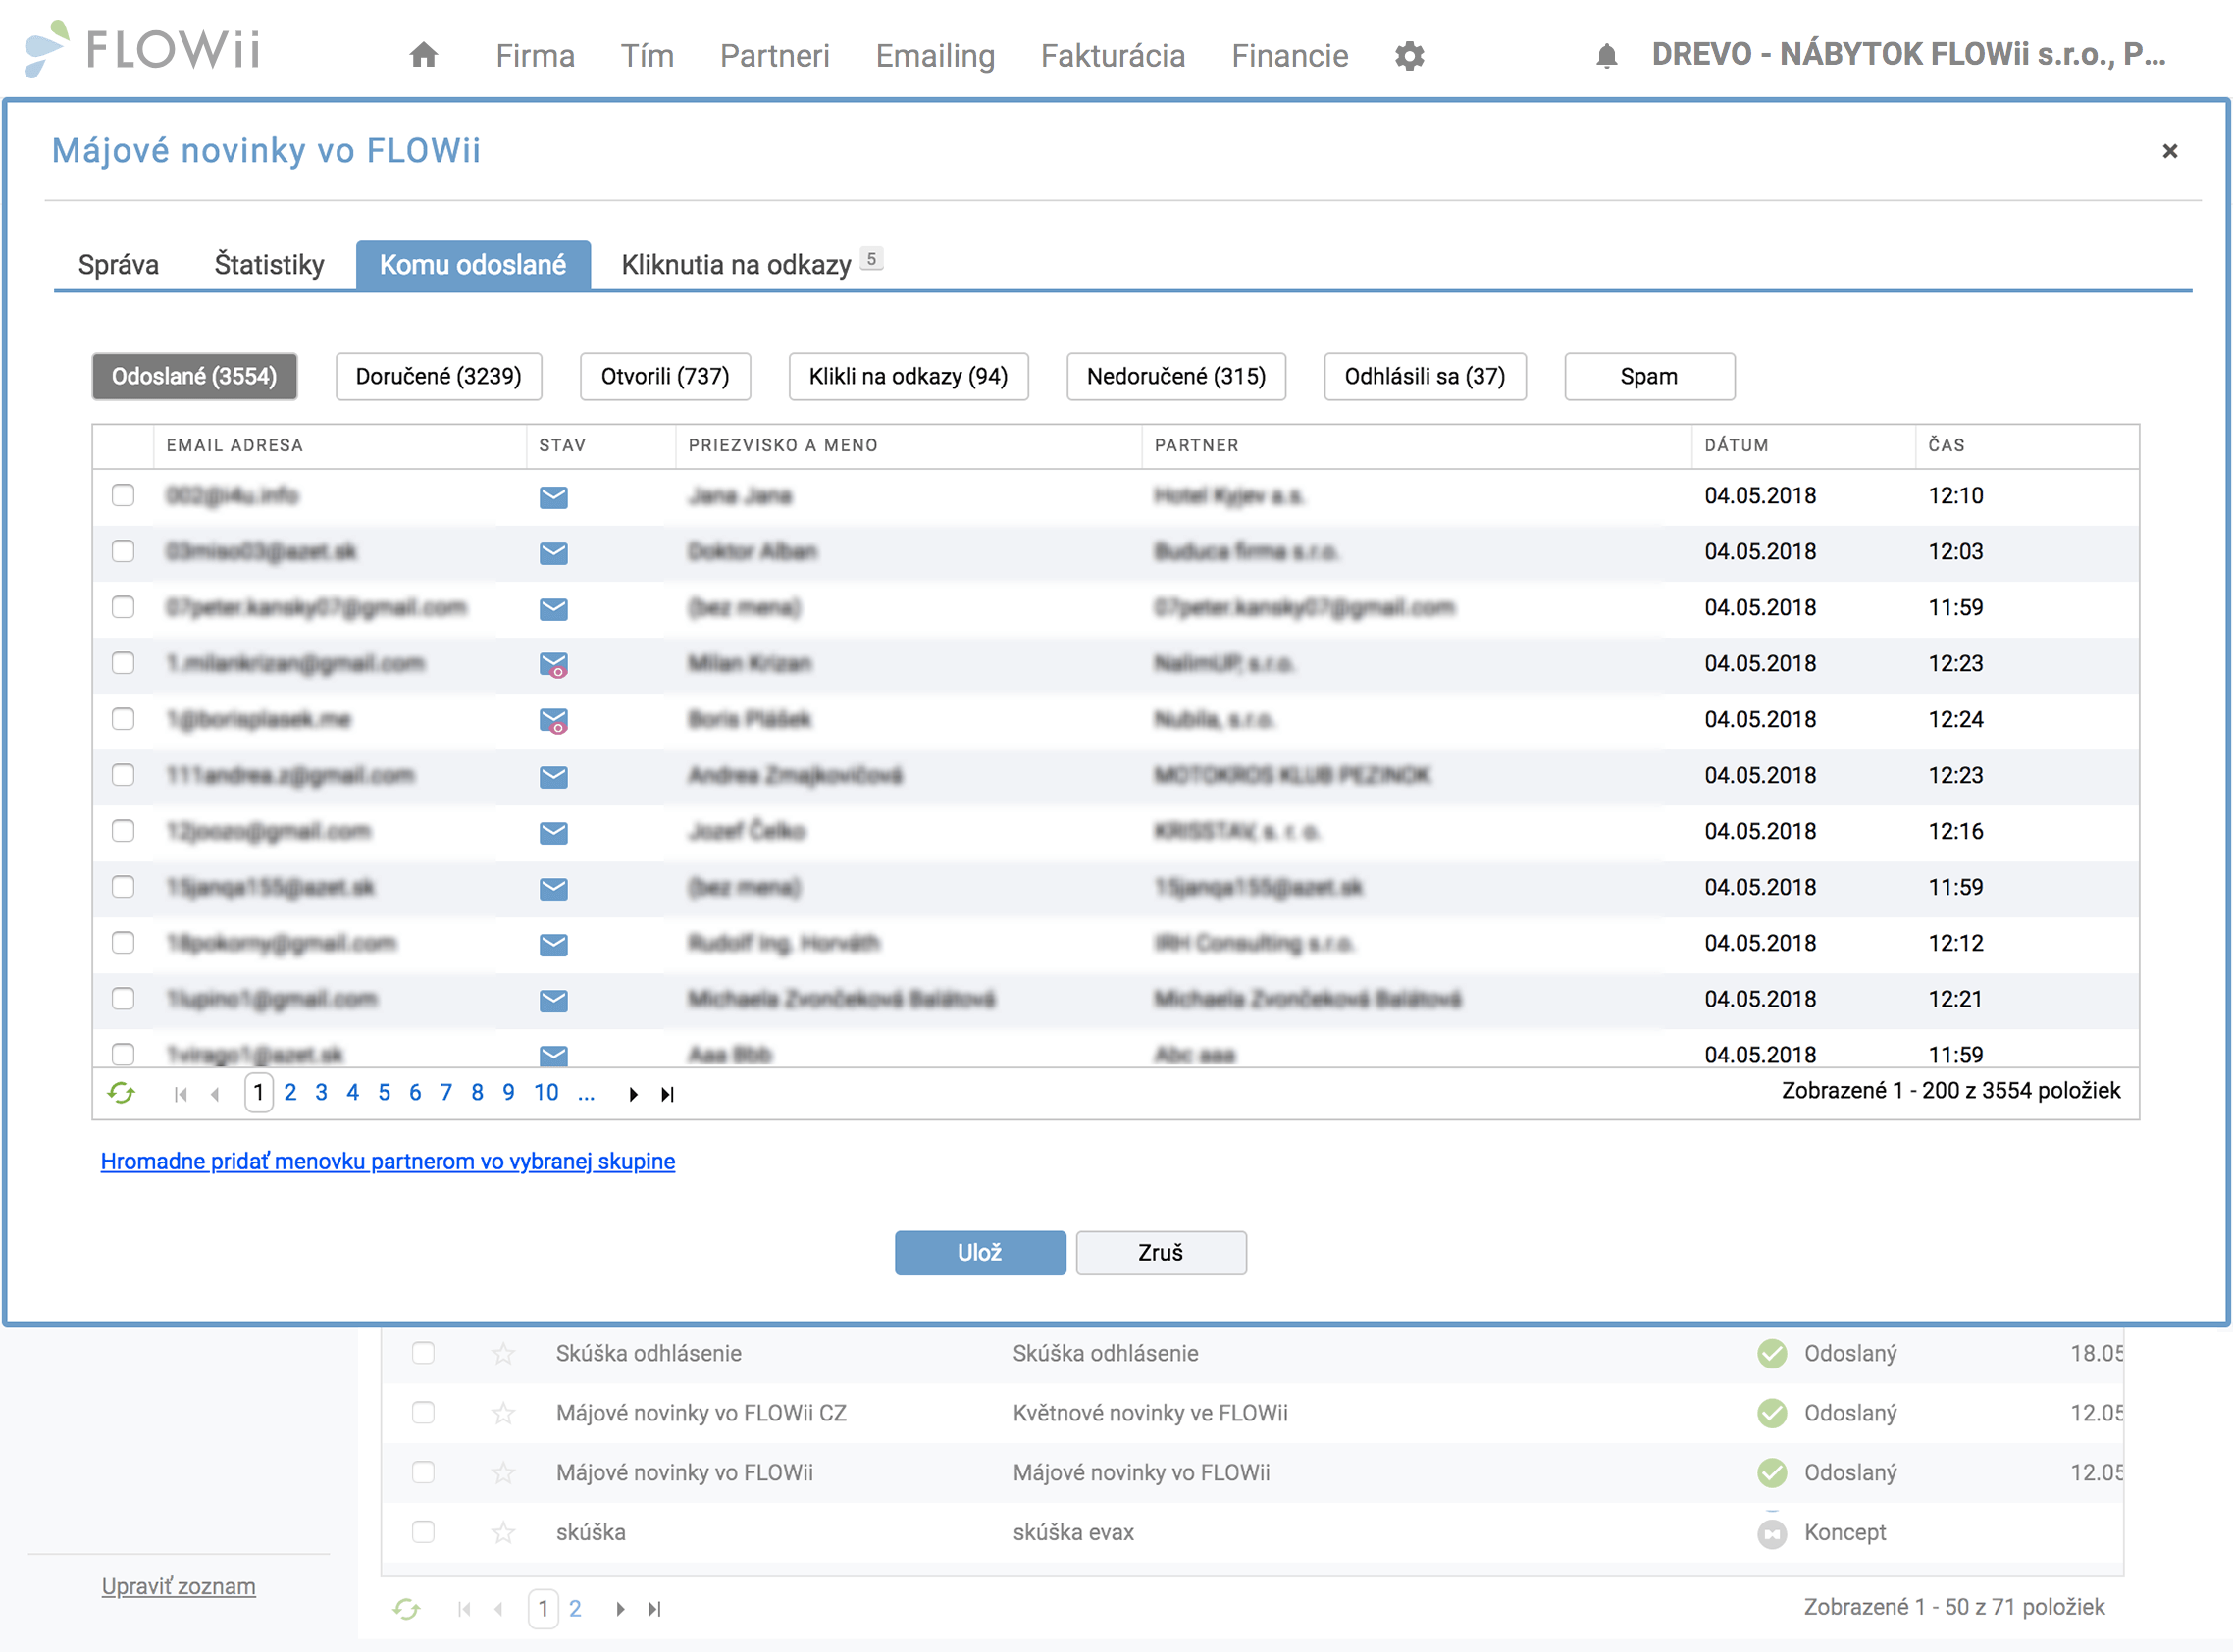 Zoznam adresátov rozdelený podľa toho, ako na vaše e-maily reagovali